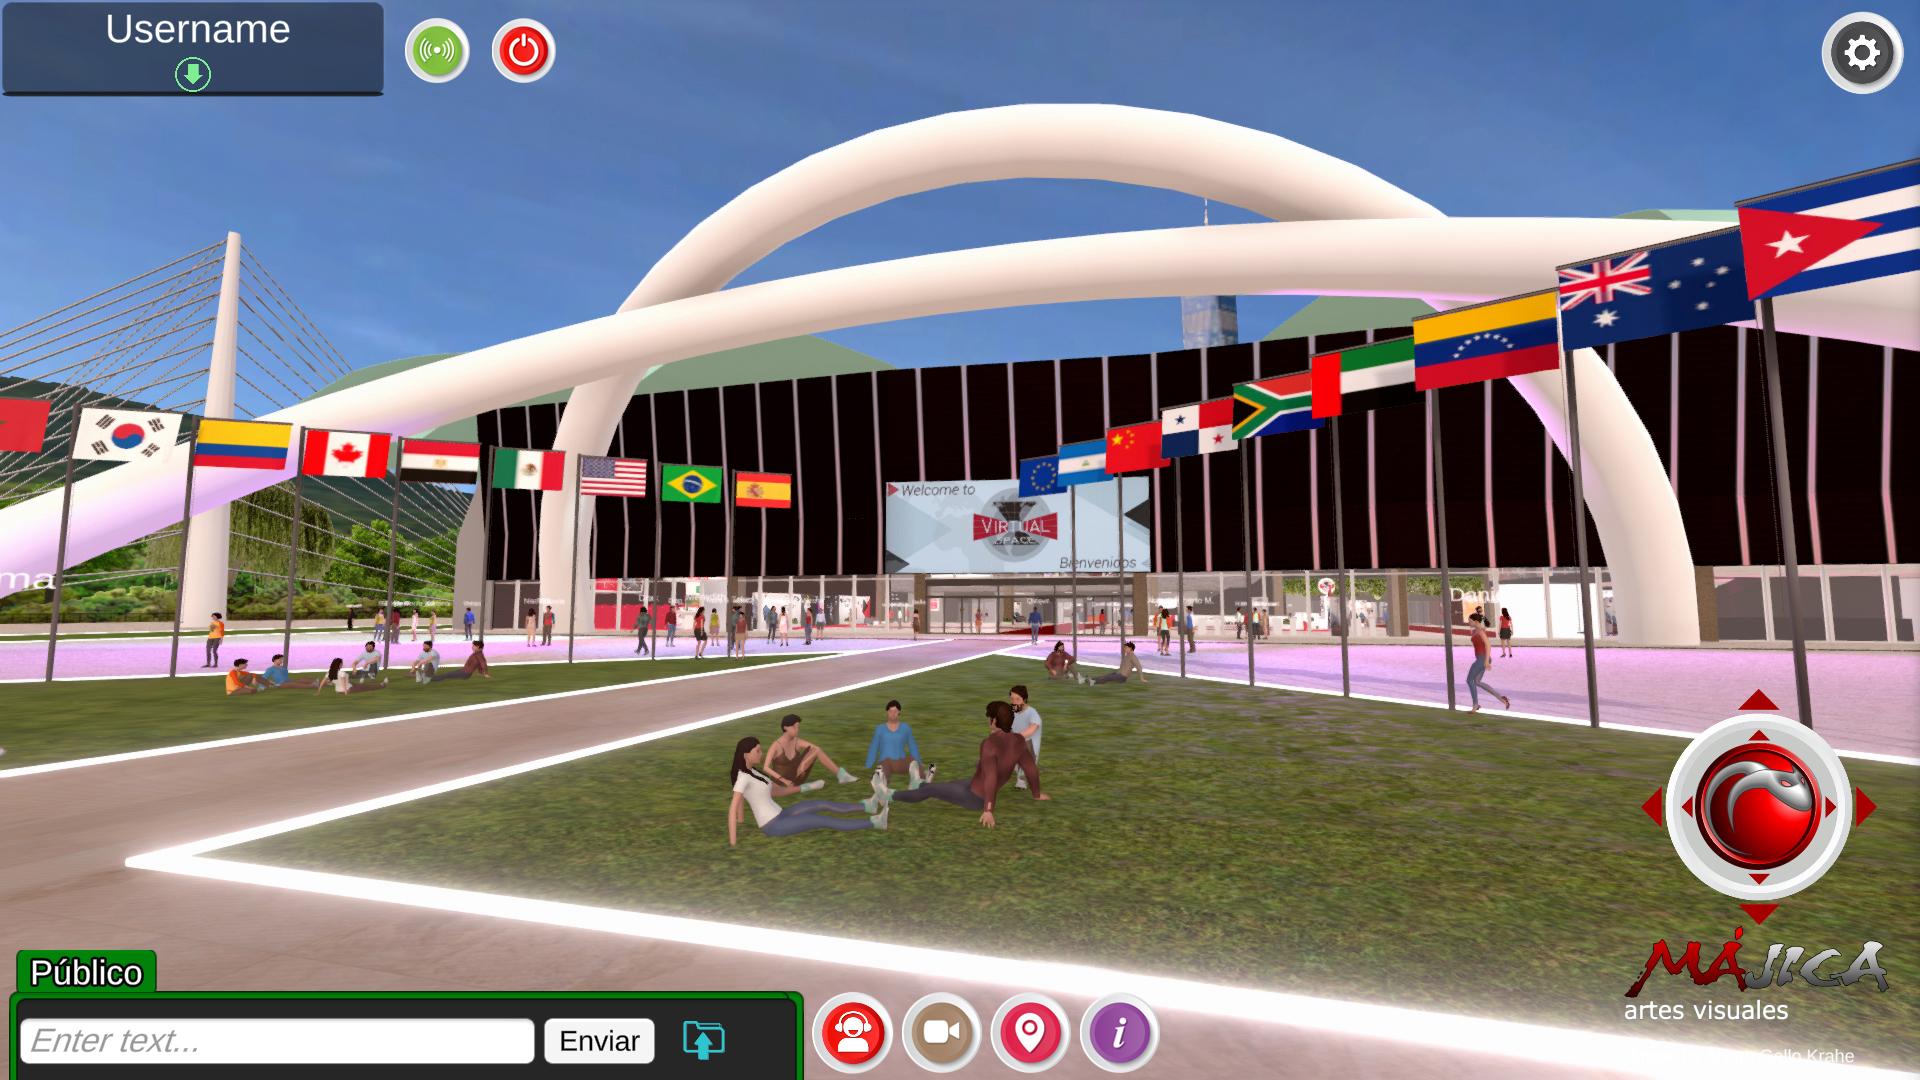 MAJICA_Pabellón VirtualSpace